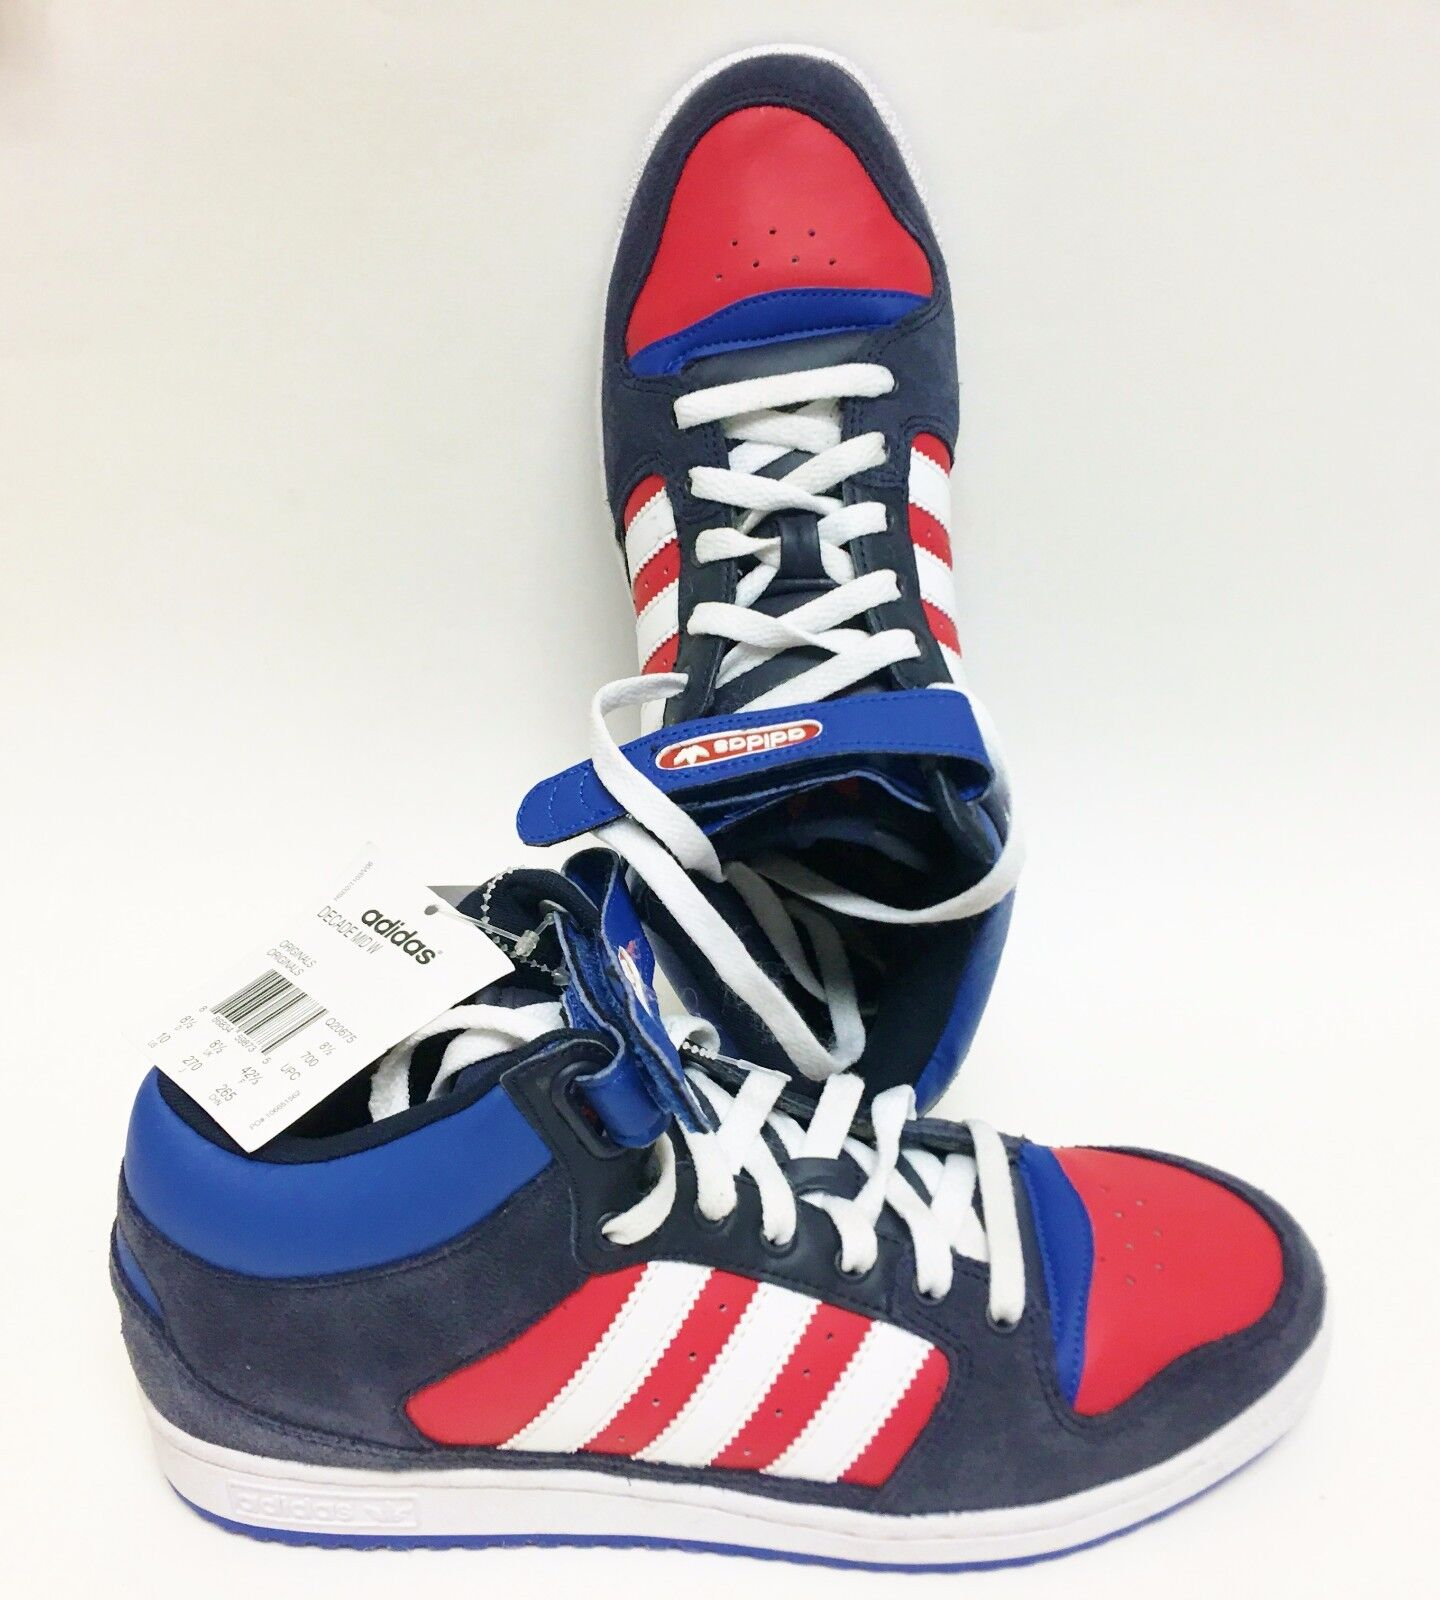 Nuove adidas decennio + met blu bianco rosso + decennio + + gray le donne scarpe, scarpe da ginnastica, q20675 numero 10 e046c3